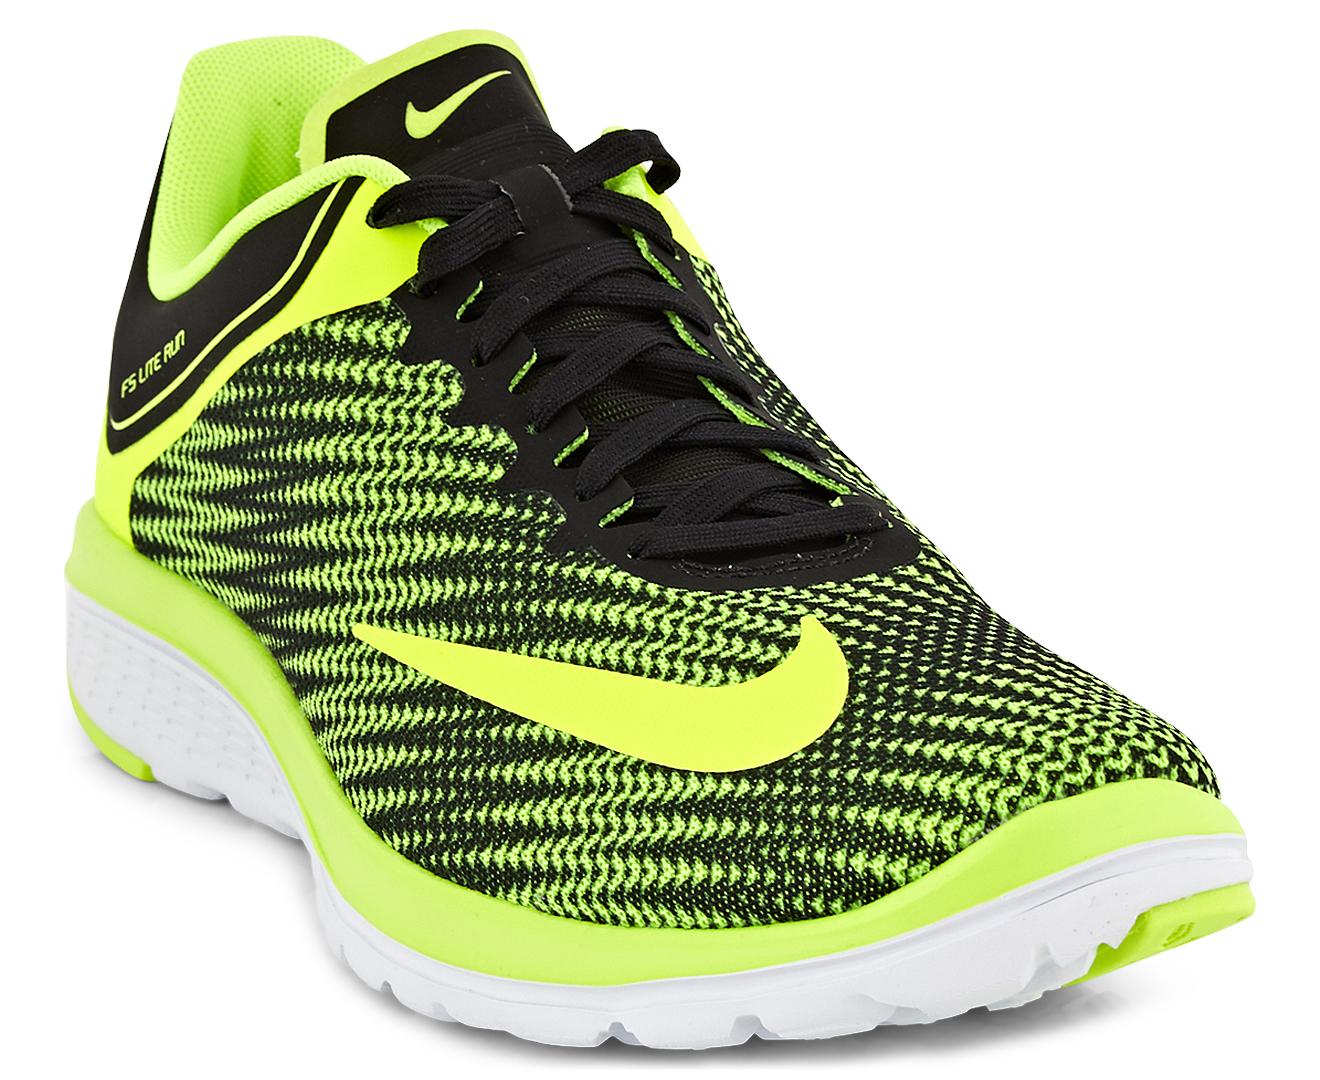 info for 20e4a b7646 Nike Men's FS Lite Run 4 Premium Shoe - Volt/Volt-Black-White